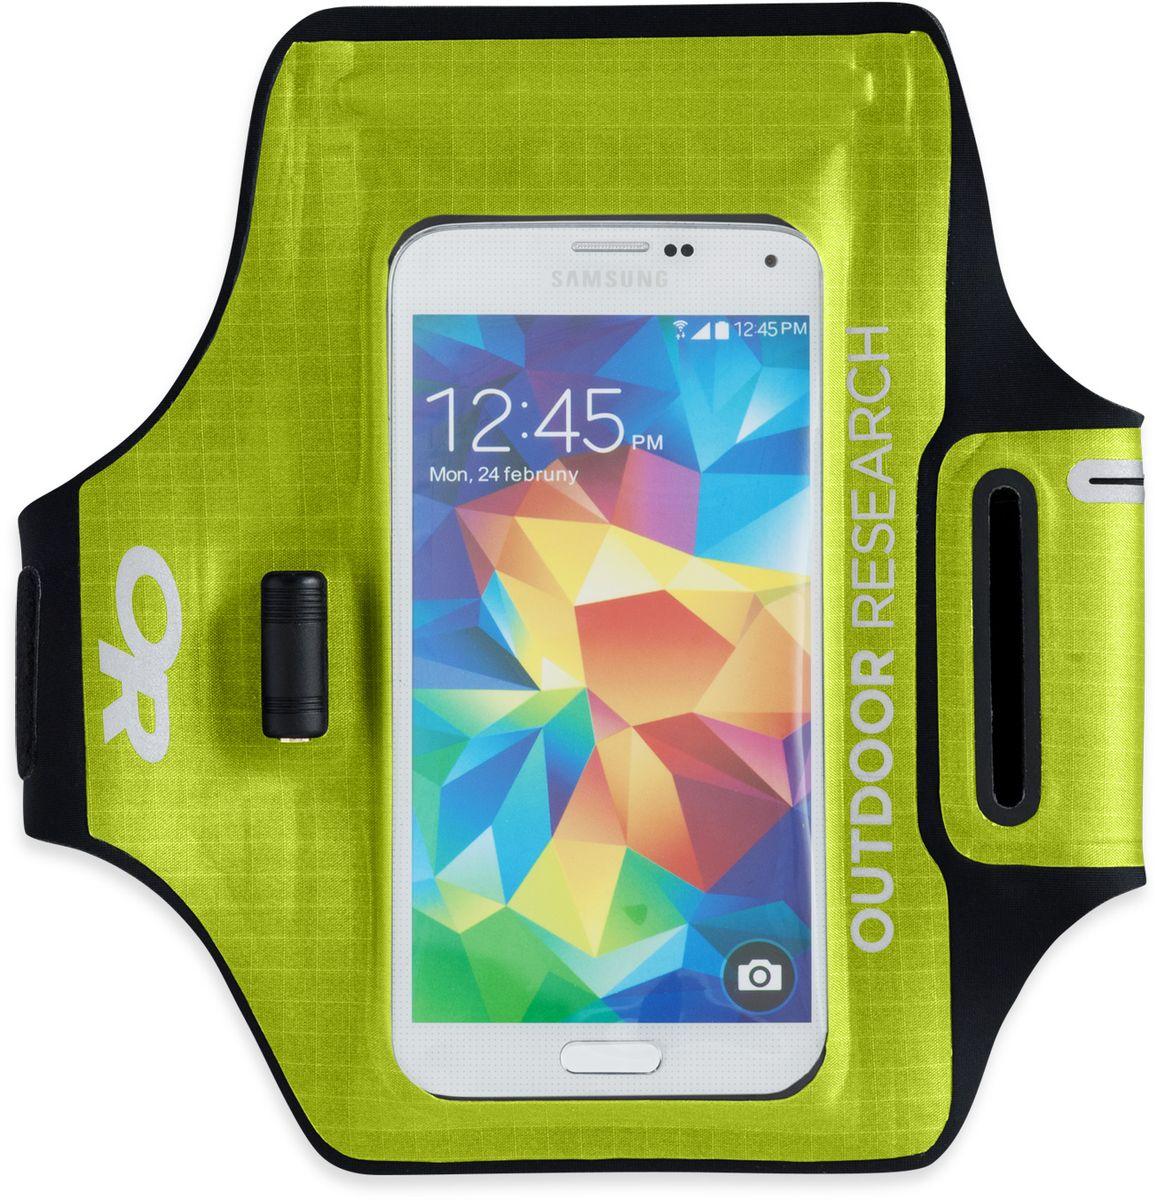 Гермочехол для электроники Outdoor Research Sens Dry Pocket Armband, цвет: зеленый2440220489Полностью непромокаемый гермочехол Outdoor Research сохранит ваше электронное устройство от попадания влаги. Сенсорный экран позволяет пользоваться телефоном в любых экстремальных условиях. Имеется прозрачное окошко для внешней камеры и водонепроницаемый разъем под наушники. Чехол удобно крепится на руку при помощи браслета на липучке. Добавление материала EVA позволяет улучшить плавучесть чехла. Подходит для iPhone 6/6S, Samsung Galaxy S5 & S6. Не совместим с кнопкой Home в iPhone 7, на прокрутку экрана это не влияет. Длина (с ремешком): 53,3 см.Размер кармана: 10 х 16 см.